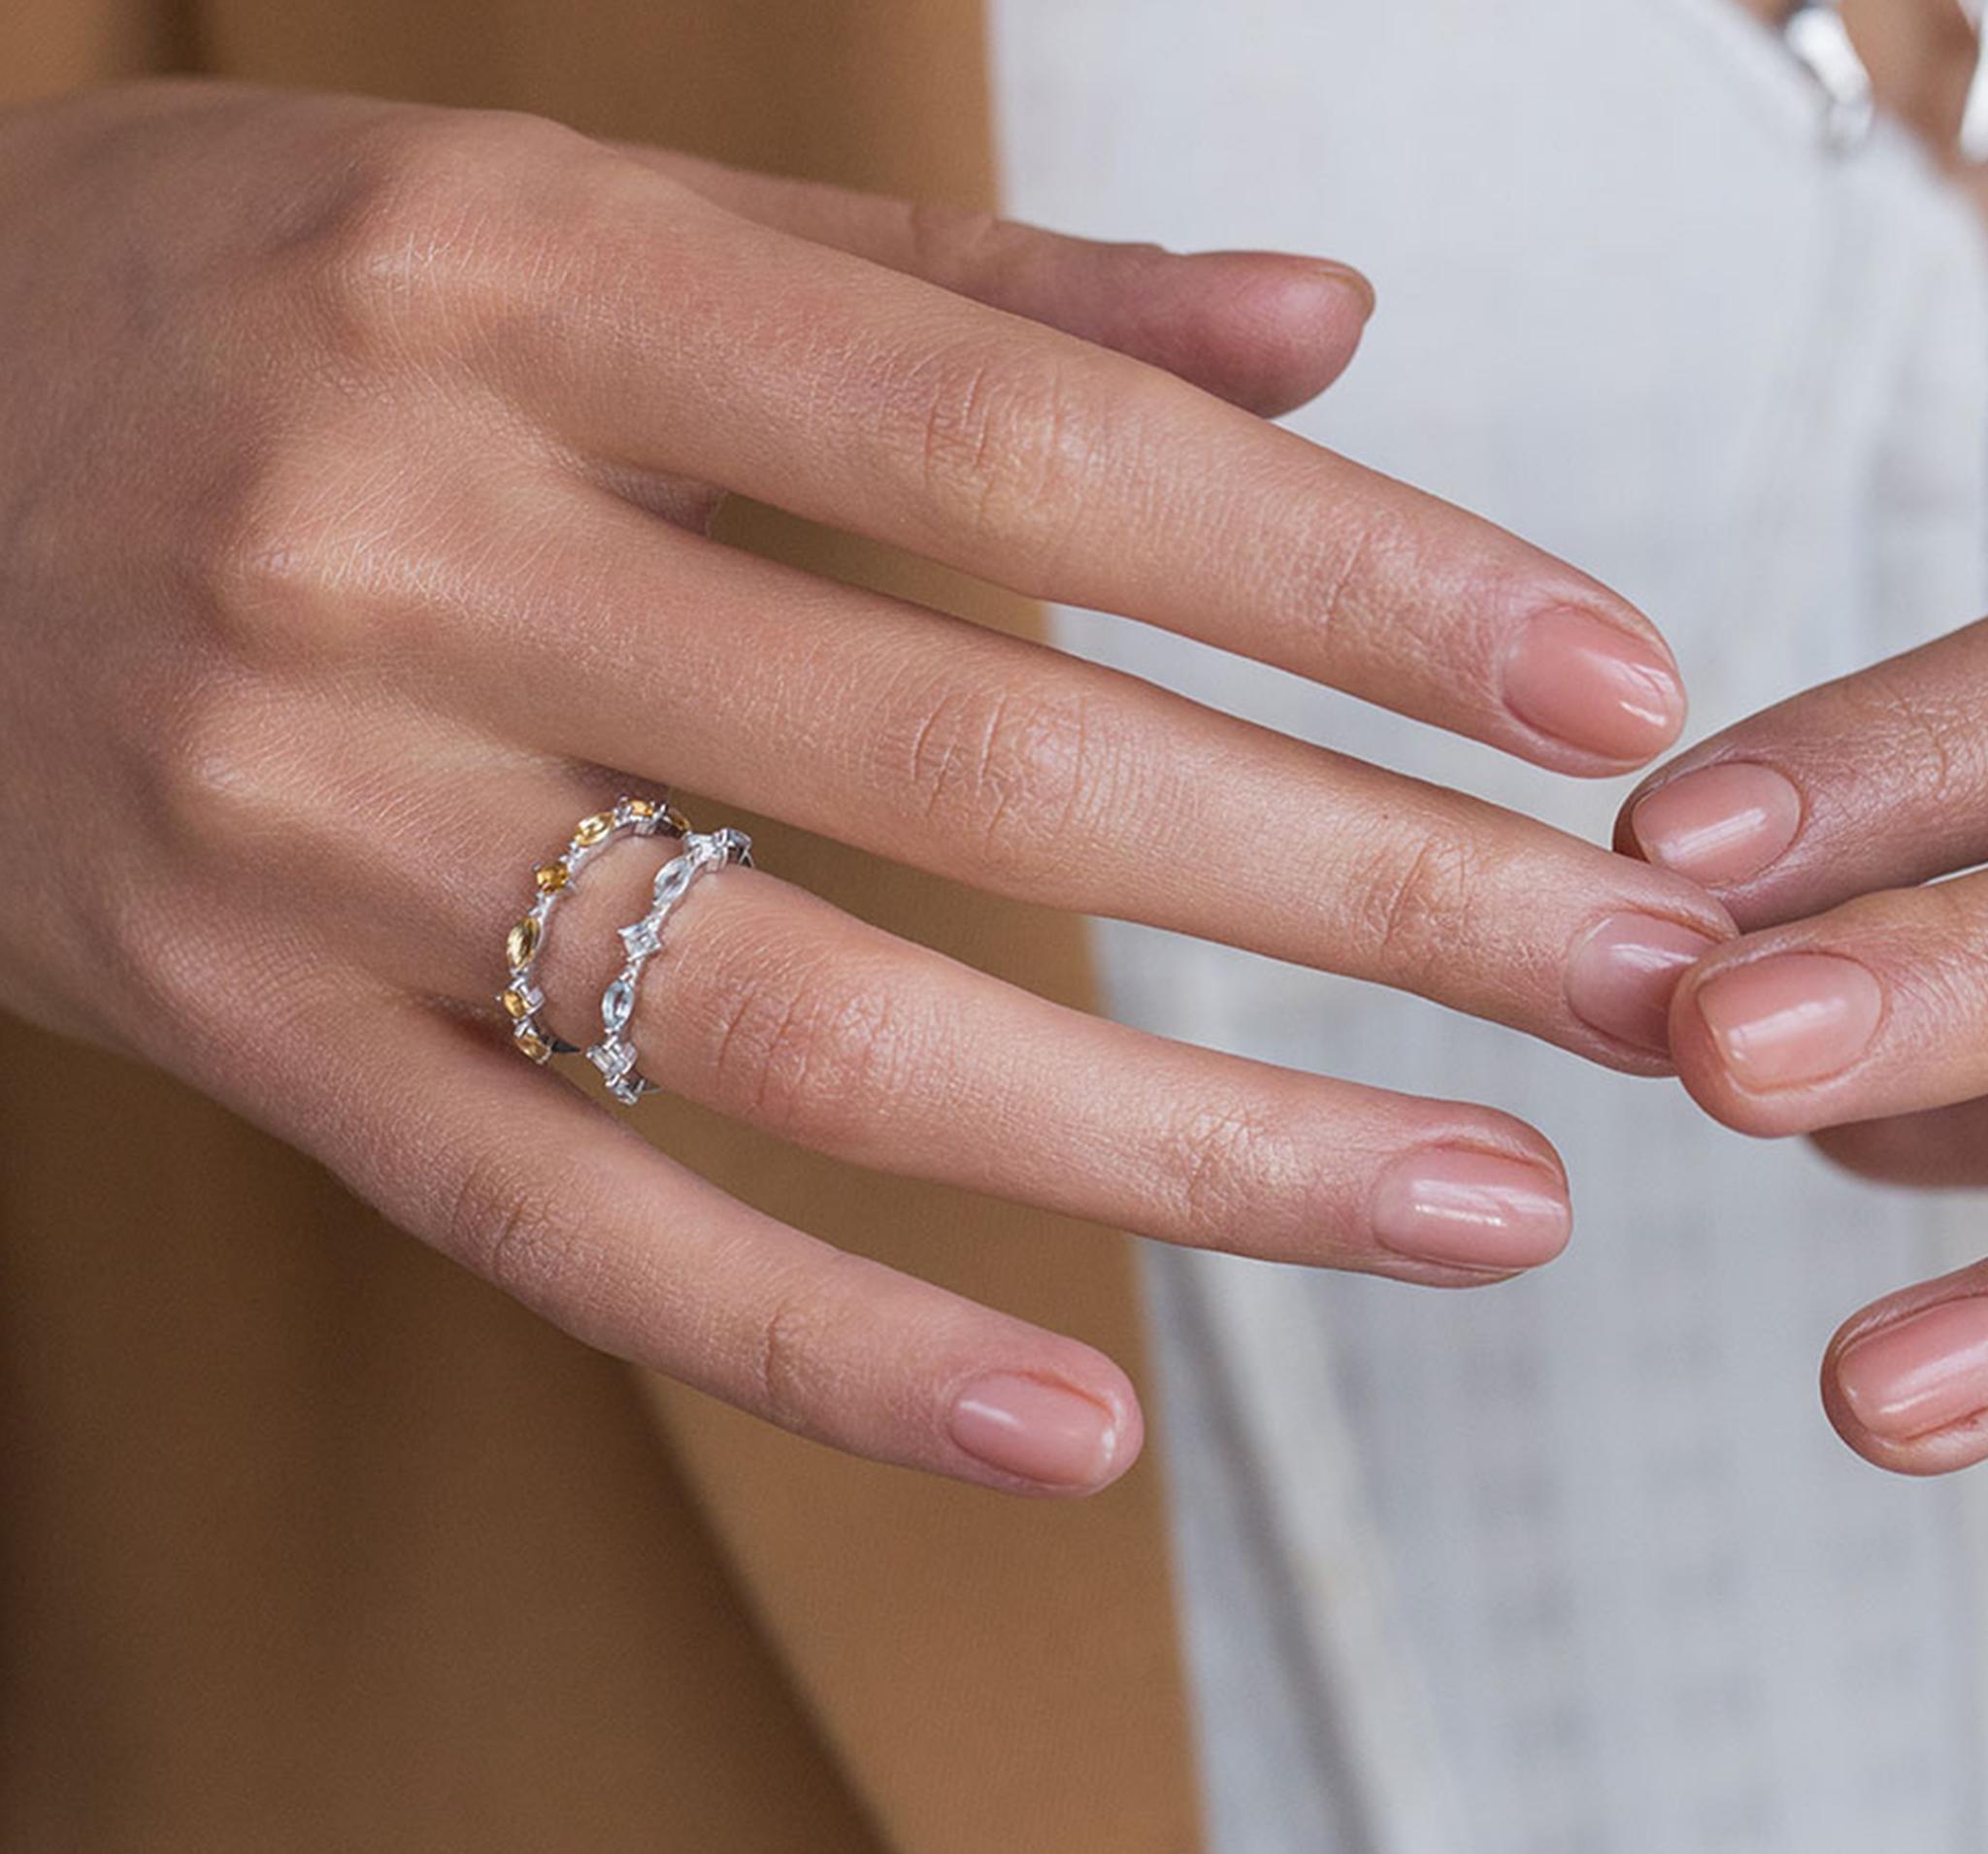 Нежное тонкое кольцо с голубыми топазами разной огранки